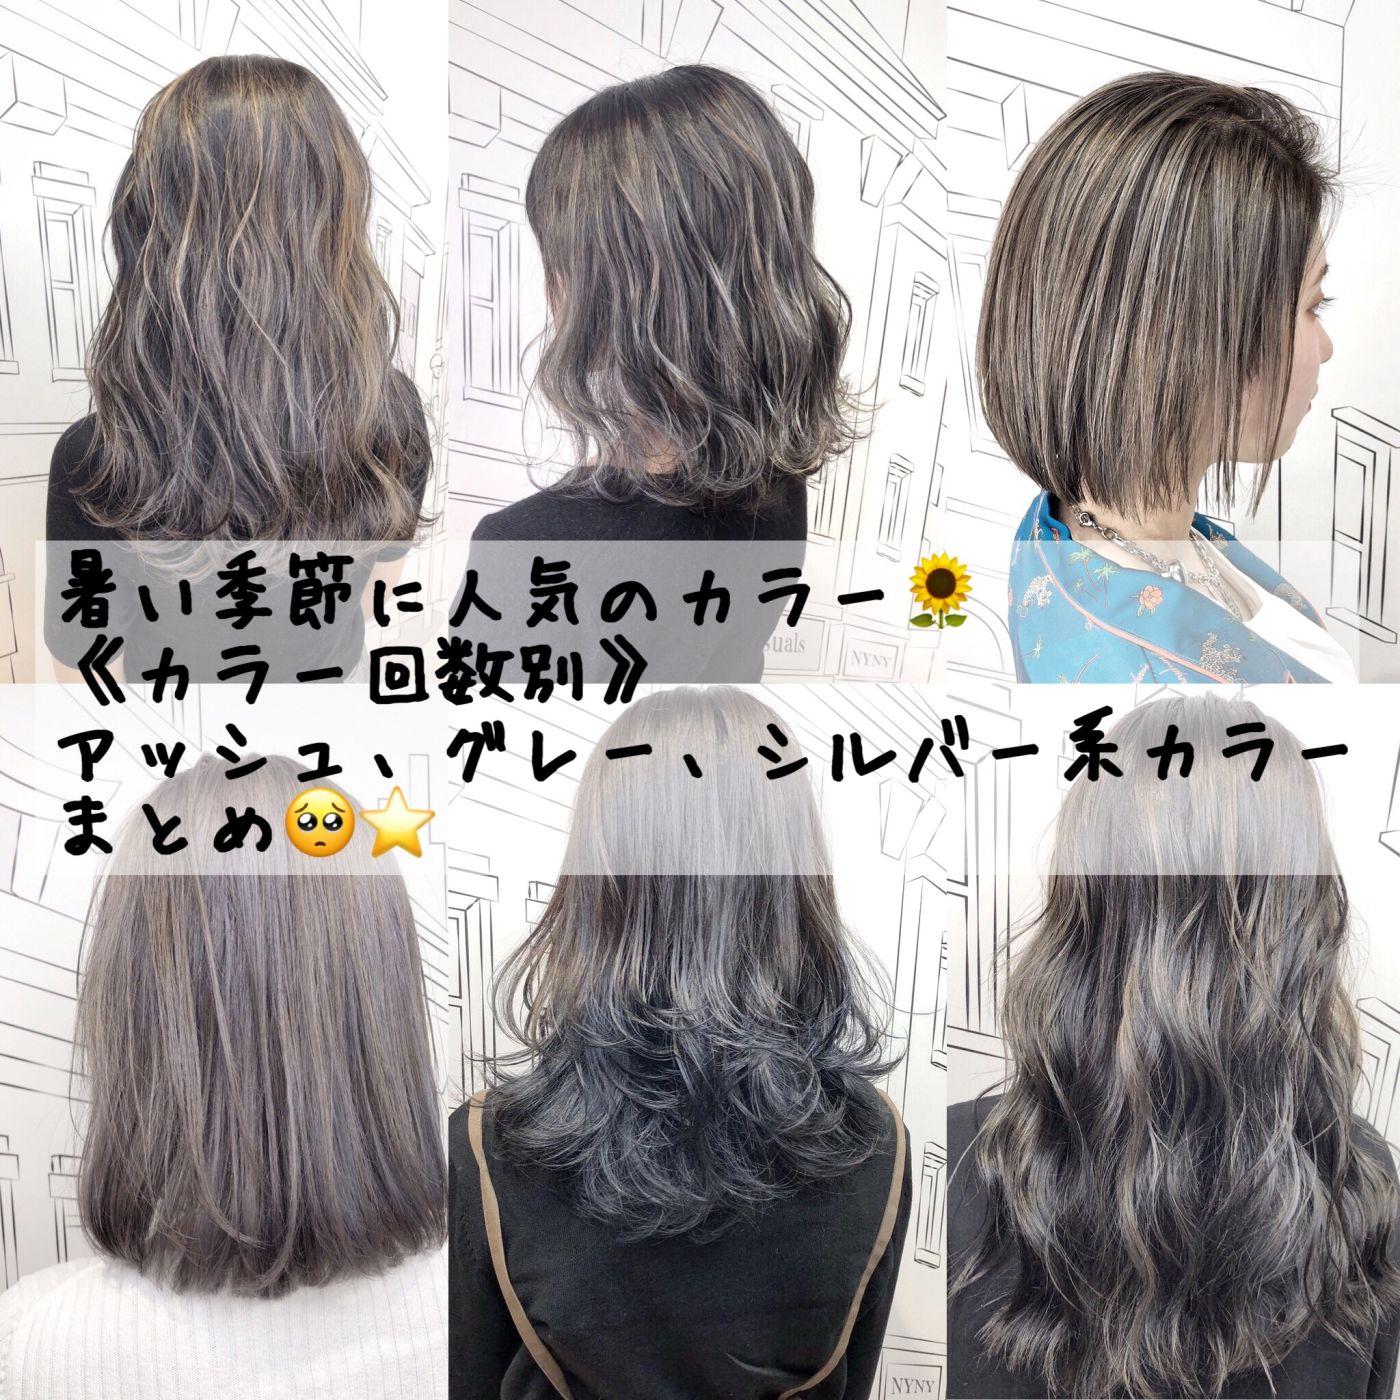 夏に人気のヘアカラー アッシュ グレー シルバー系カラー カラー